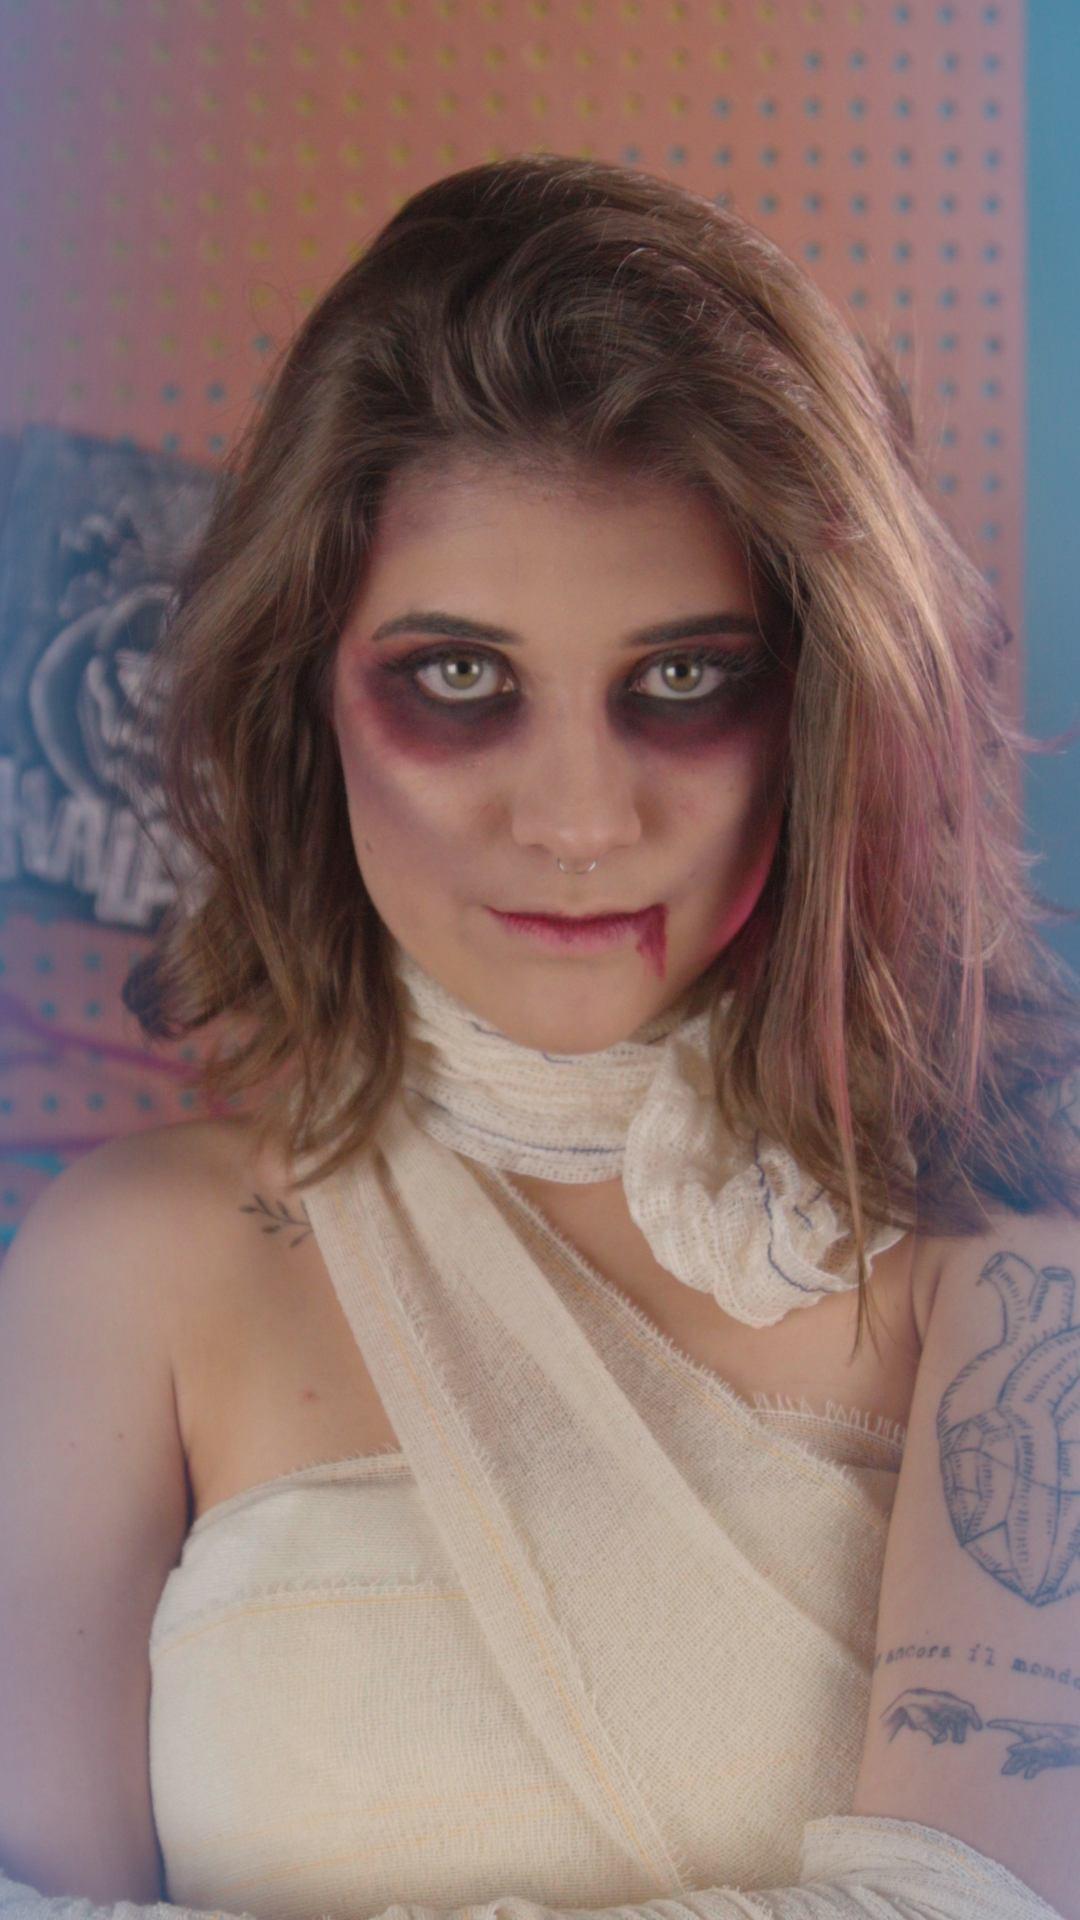 MASTER MONDAINE HALLOWEEN V01 compressed 4 - 3 fantasias práticas e fáceis de Halloween: veja no Ouse Todo Dia